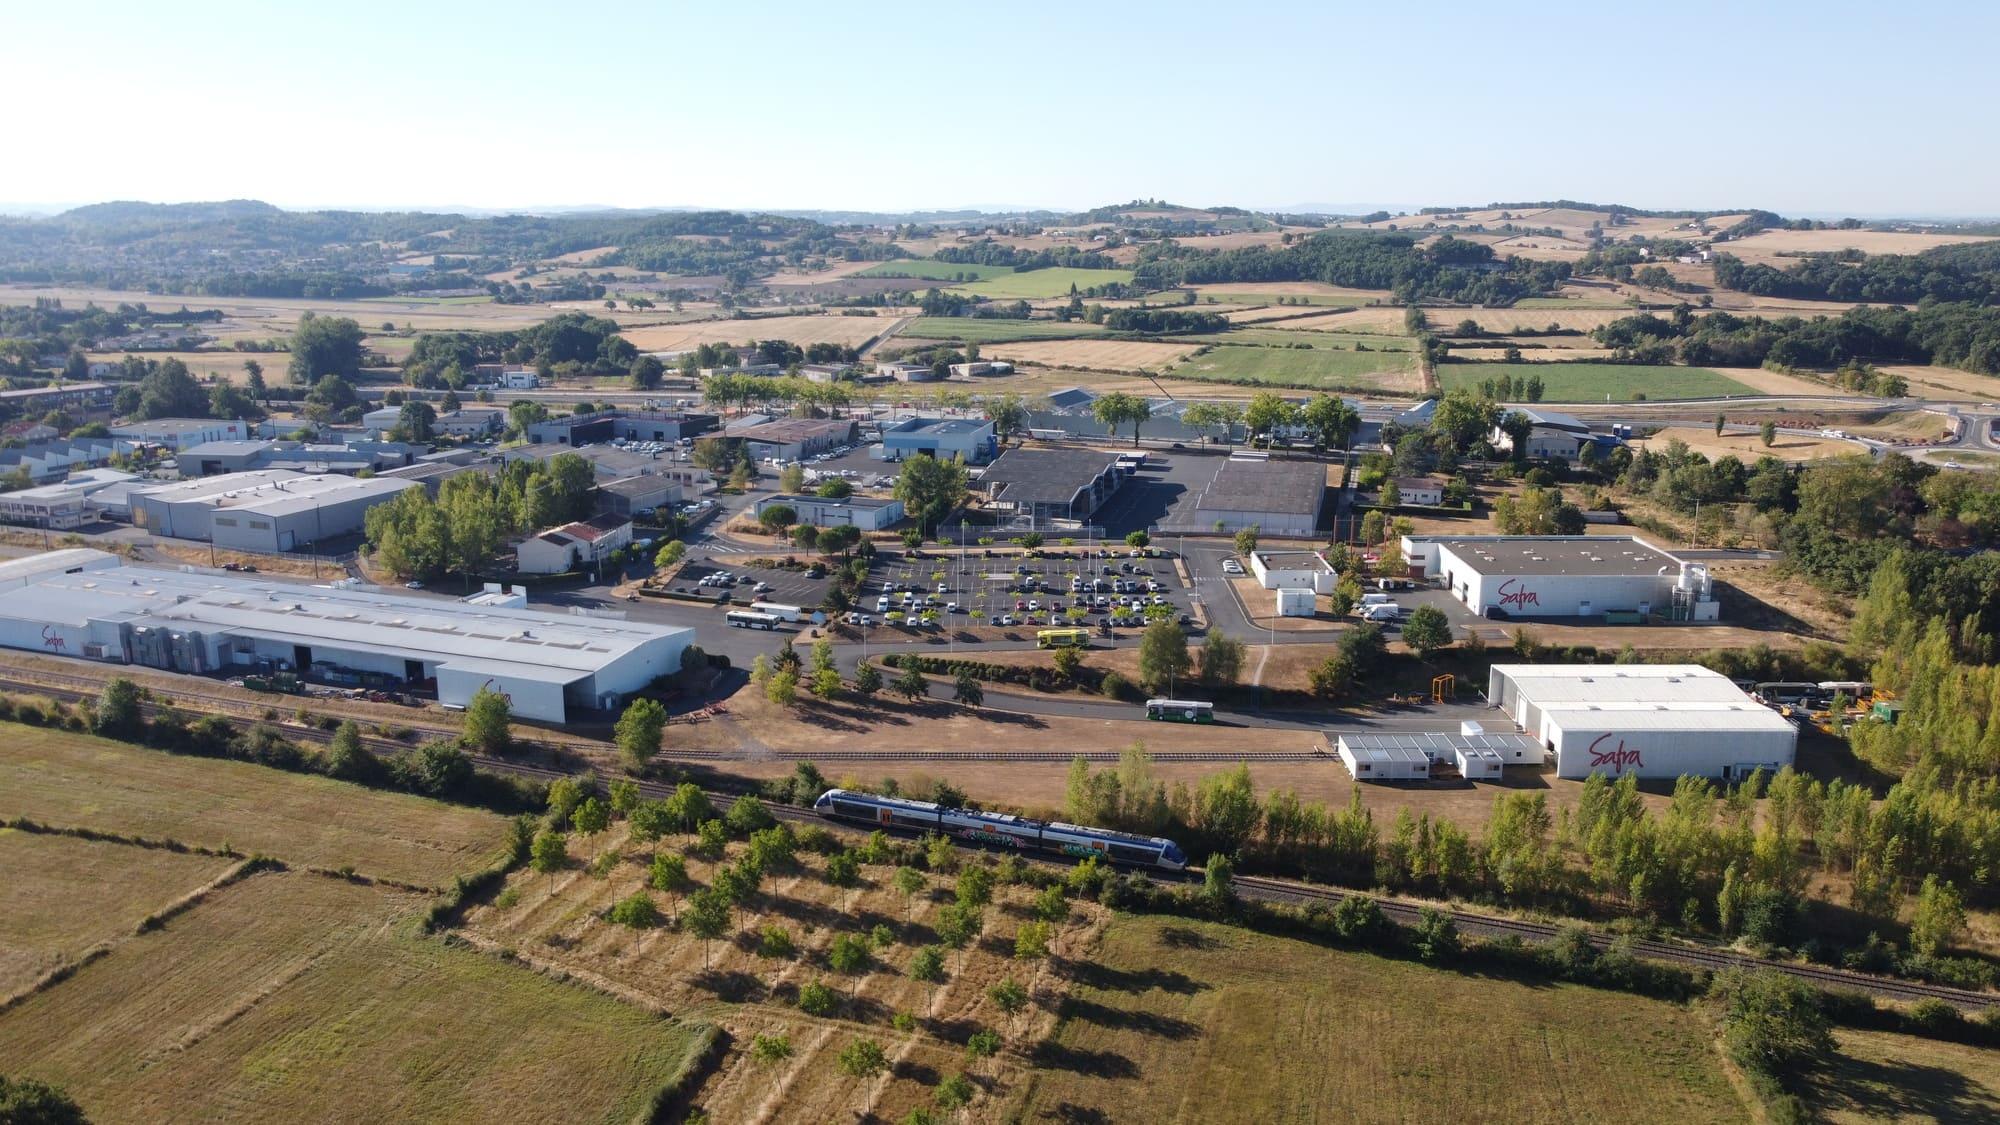 Vue aérienne du site du Groupe SAFRA